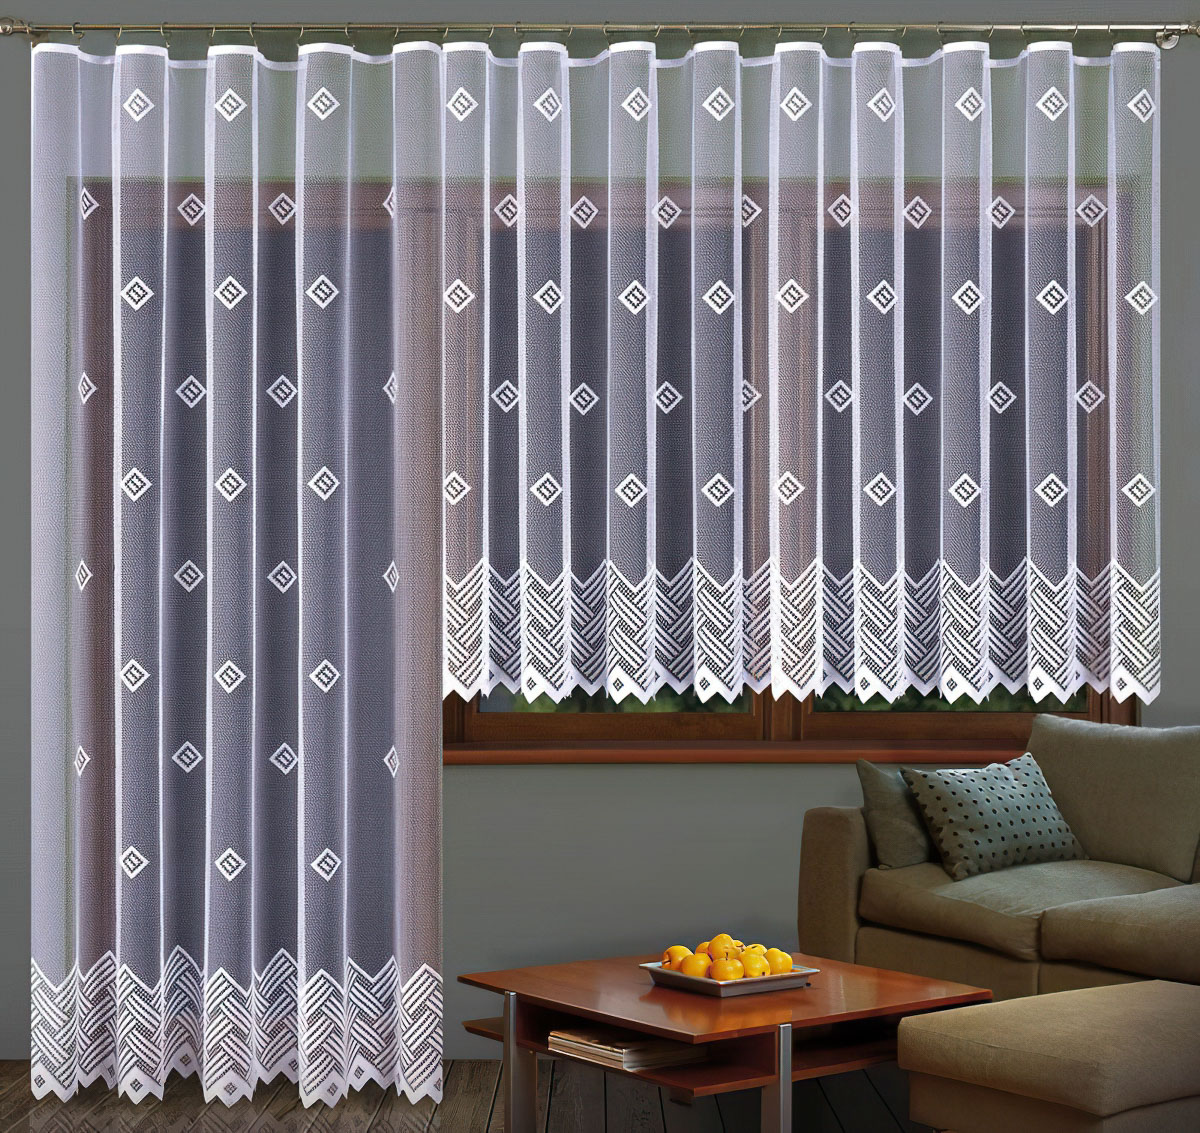 Forbyt kusová záclona BARBORA jednobarevná bílá, výška 150 cm x šířka 300 cm (na okno)